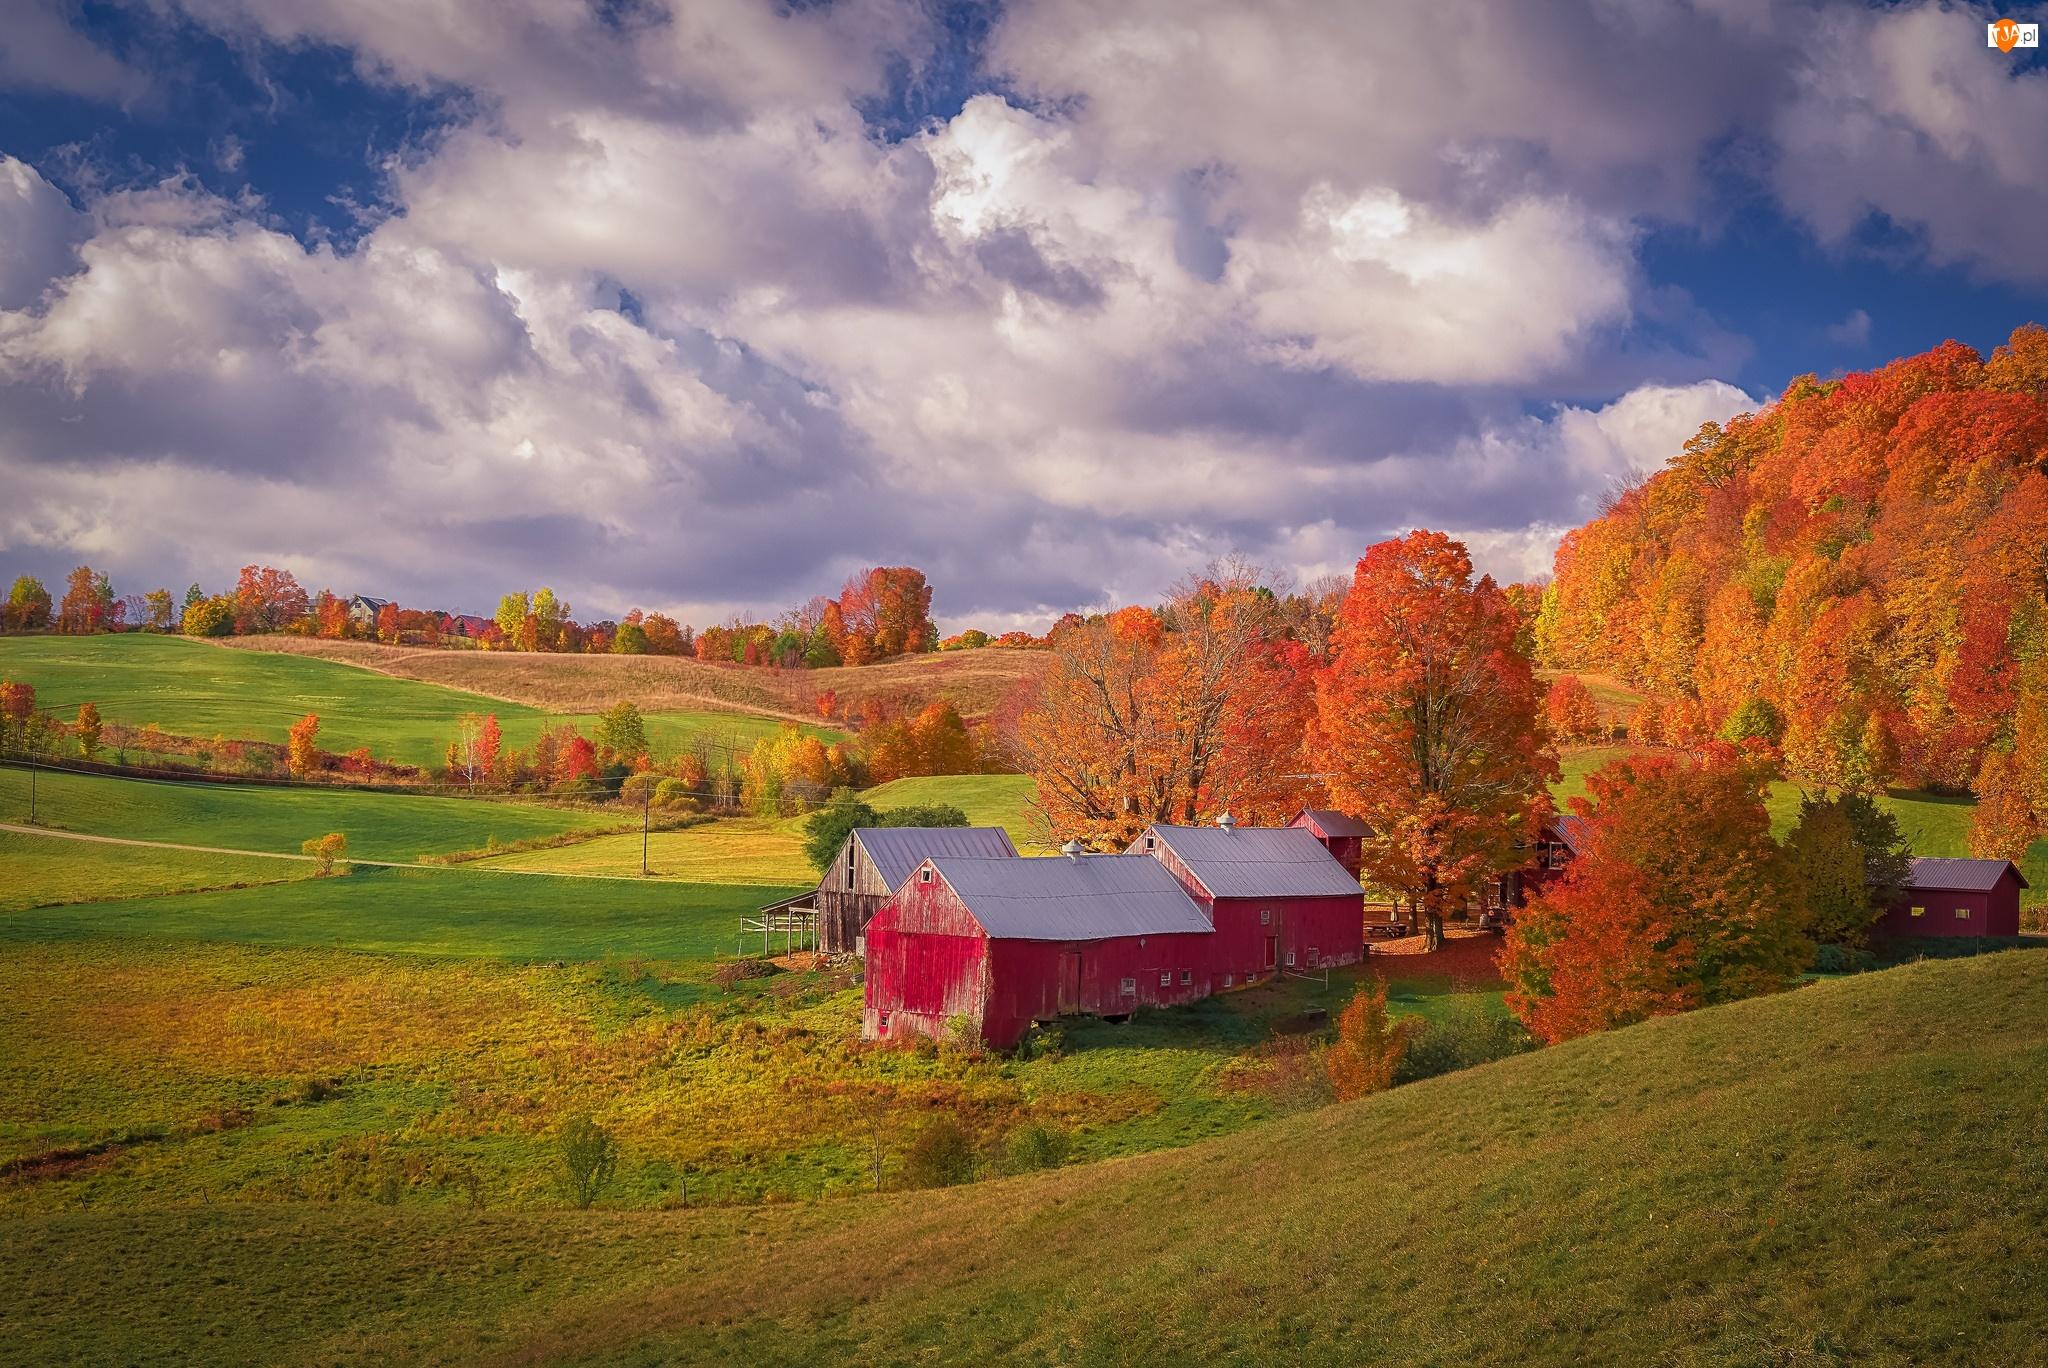 Stodoły, Wieś Reading, Drewniane, Stany Zjednoczone, Domy, Stan Vermont, Jesień, Czerwone, Farma Jenne Farm, Wzgórza, Drzewa, Chmury